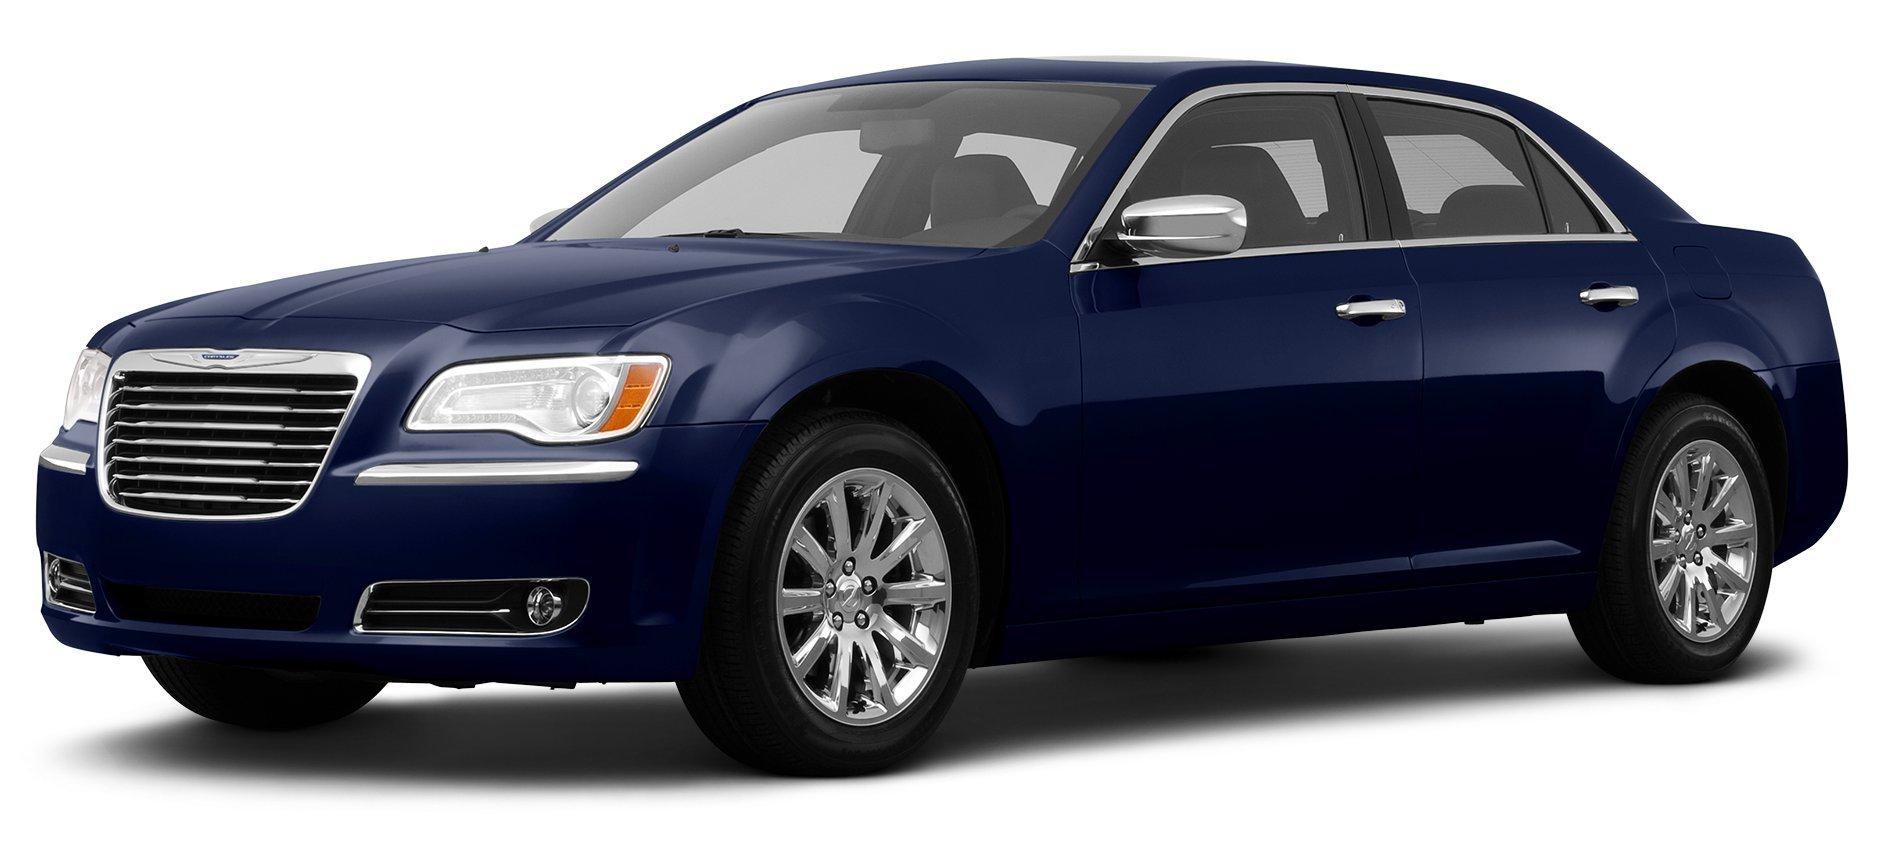 ... 2012 Chrysler 300 Limited, 4-Door Sedan V6 Rear Wheel Drive